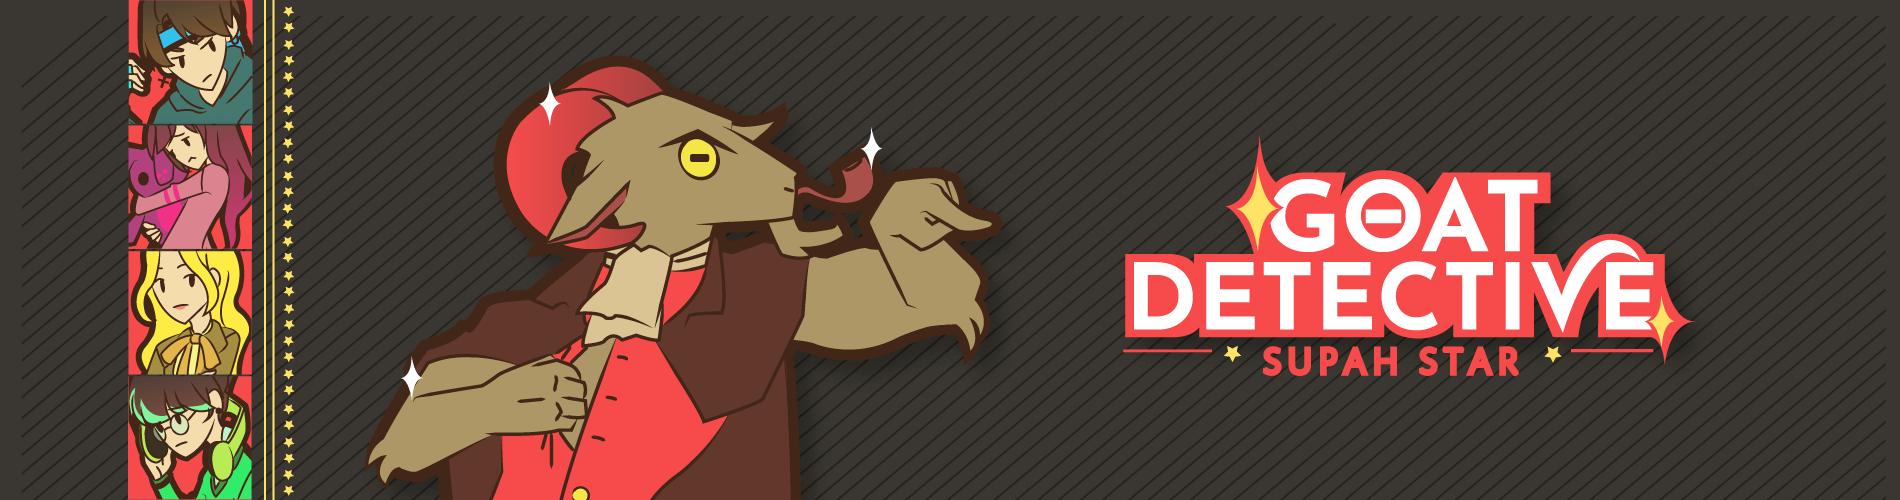 Goat Detective Supah Star